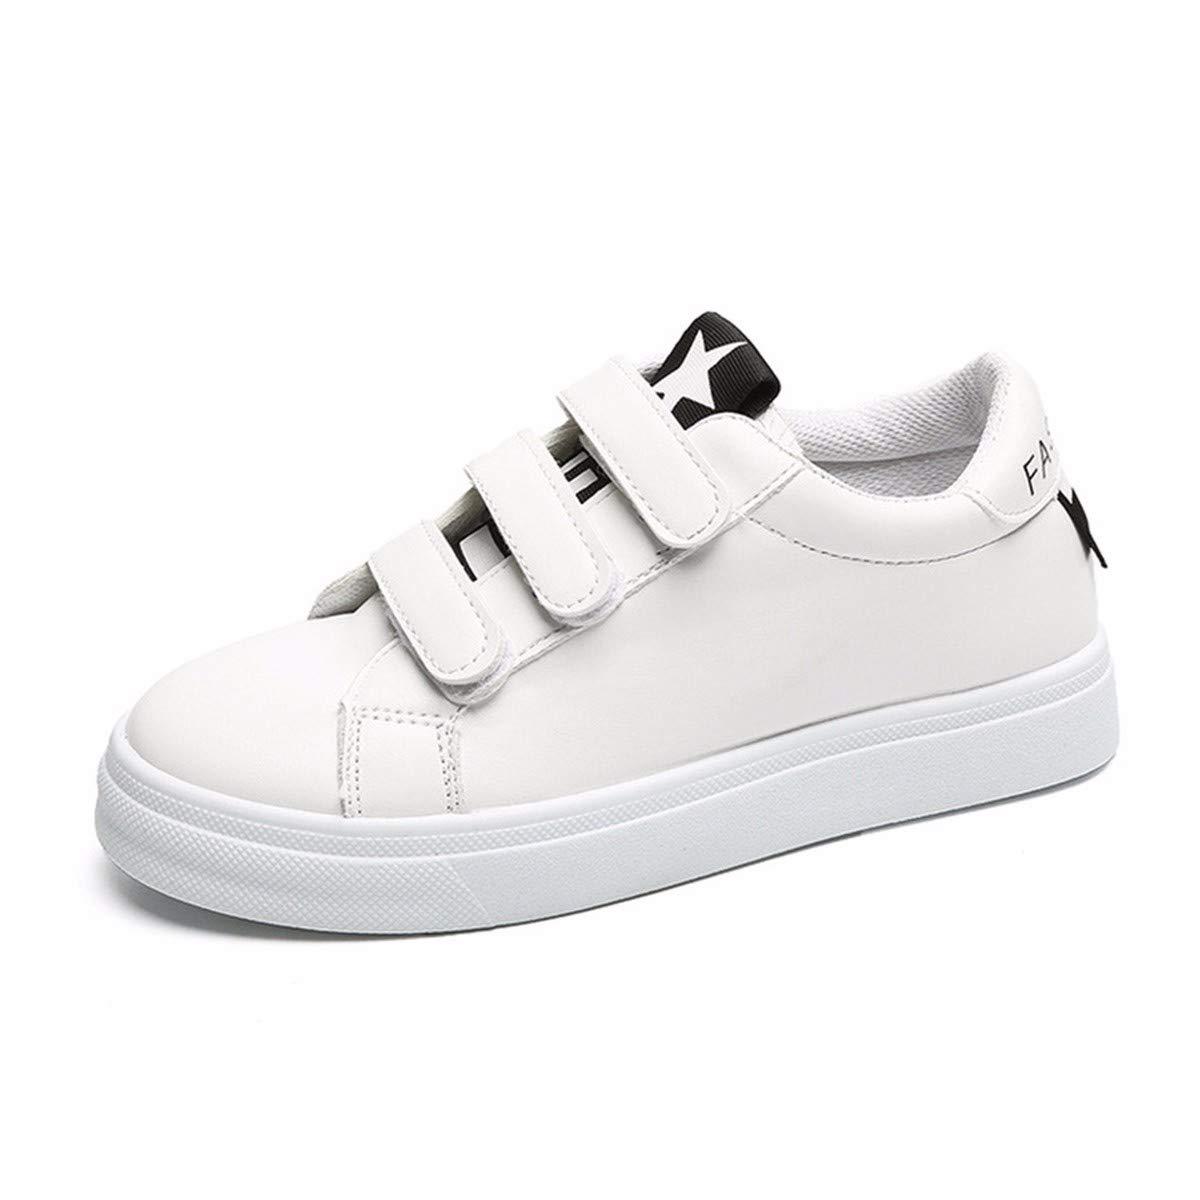 KPHY Damenschuhe/Im Frühjahr und Herbst Weiße Schuhe Sportschuhe Vorstand Schuhe Die Freizeit Blau 36